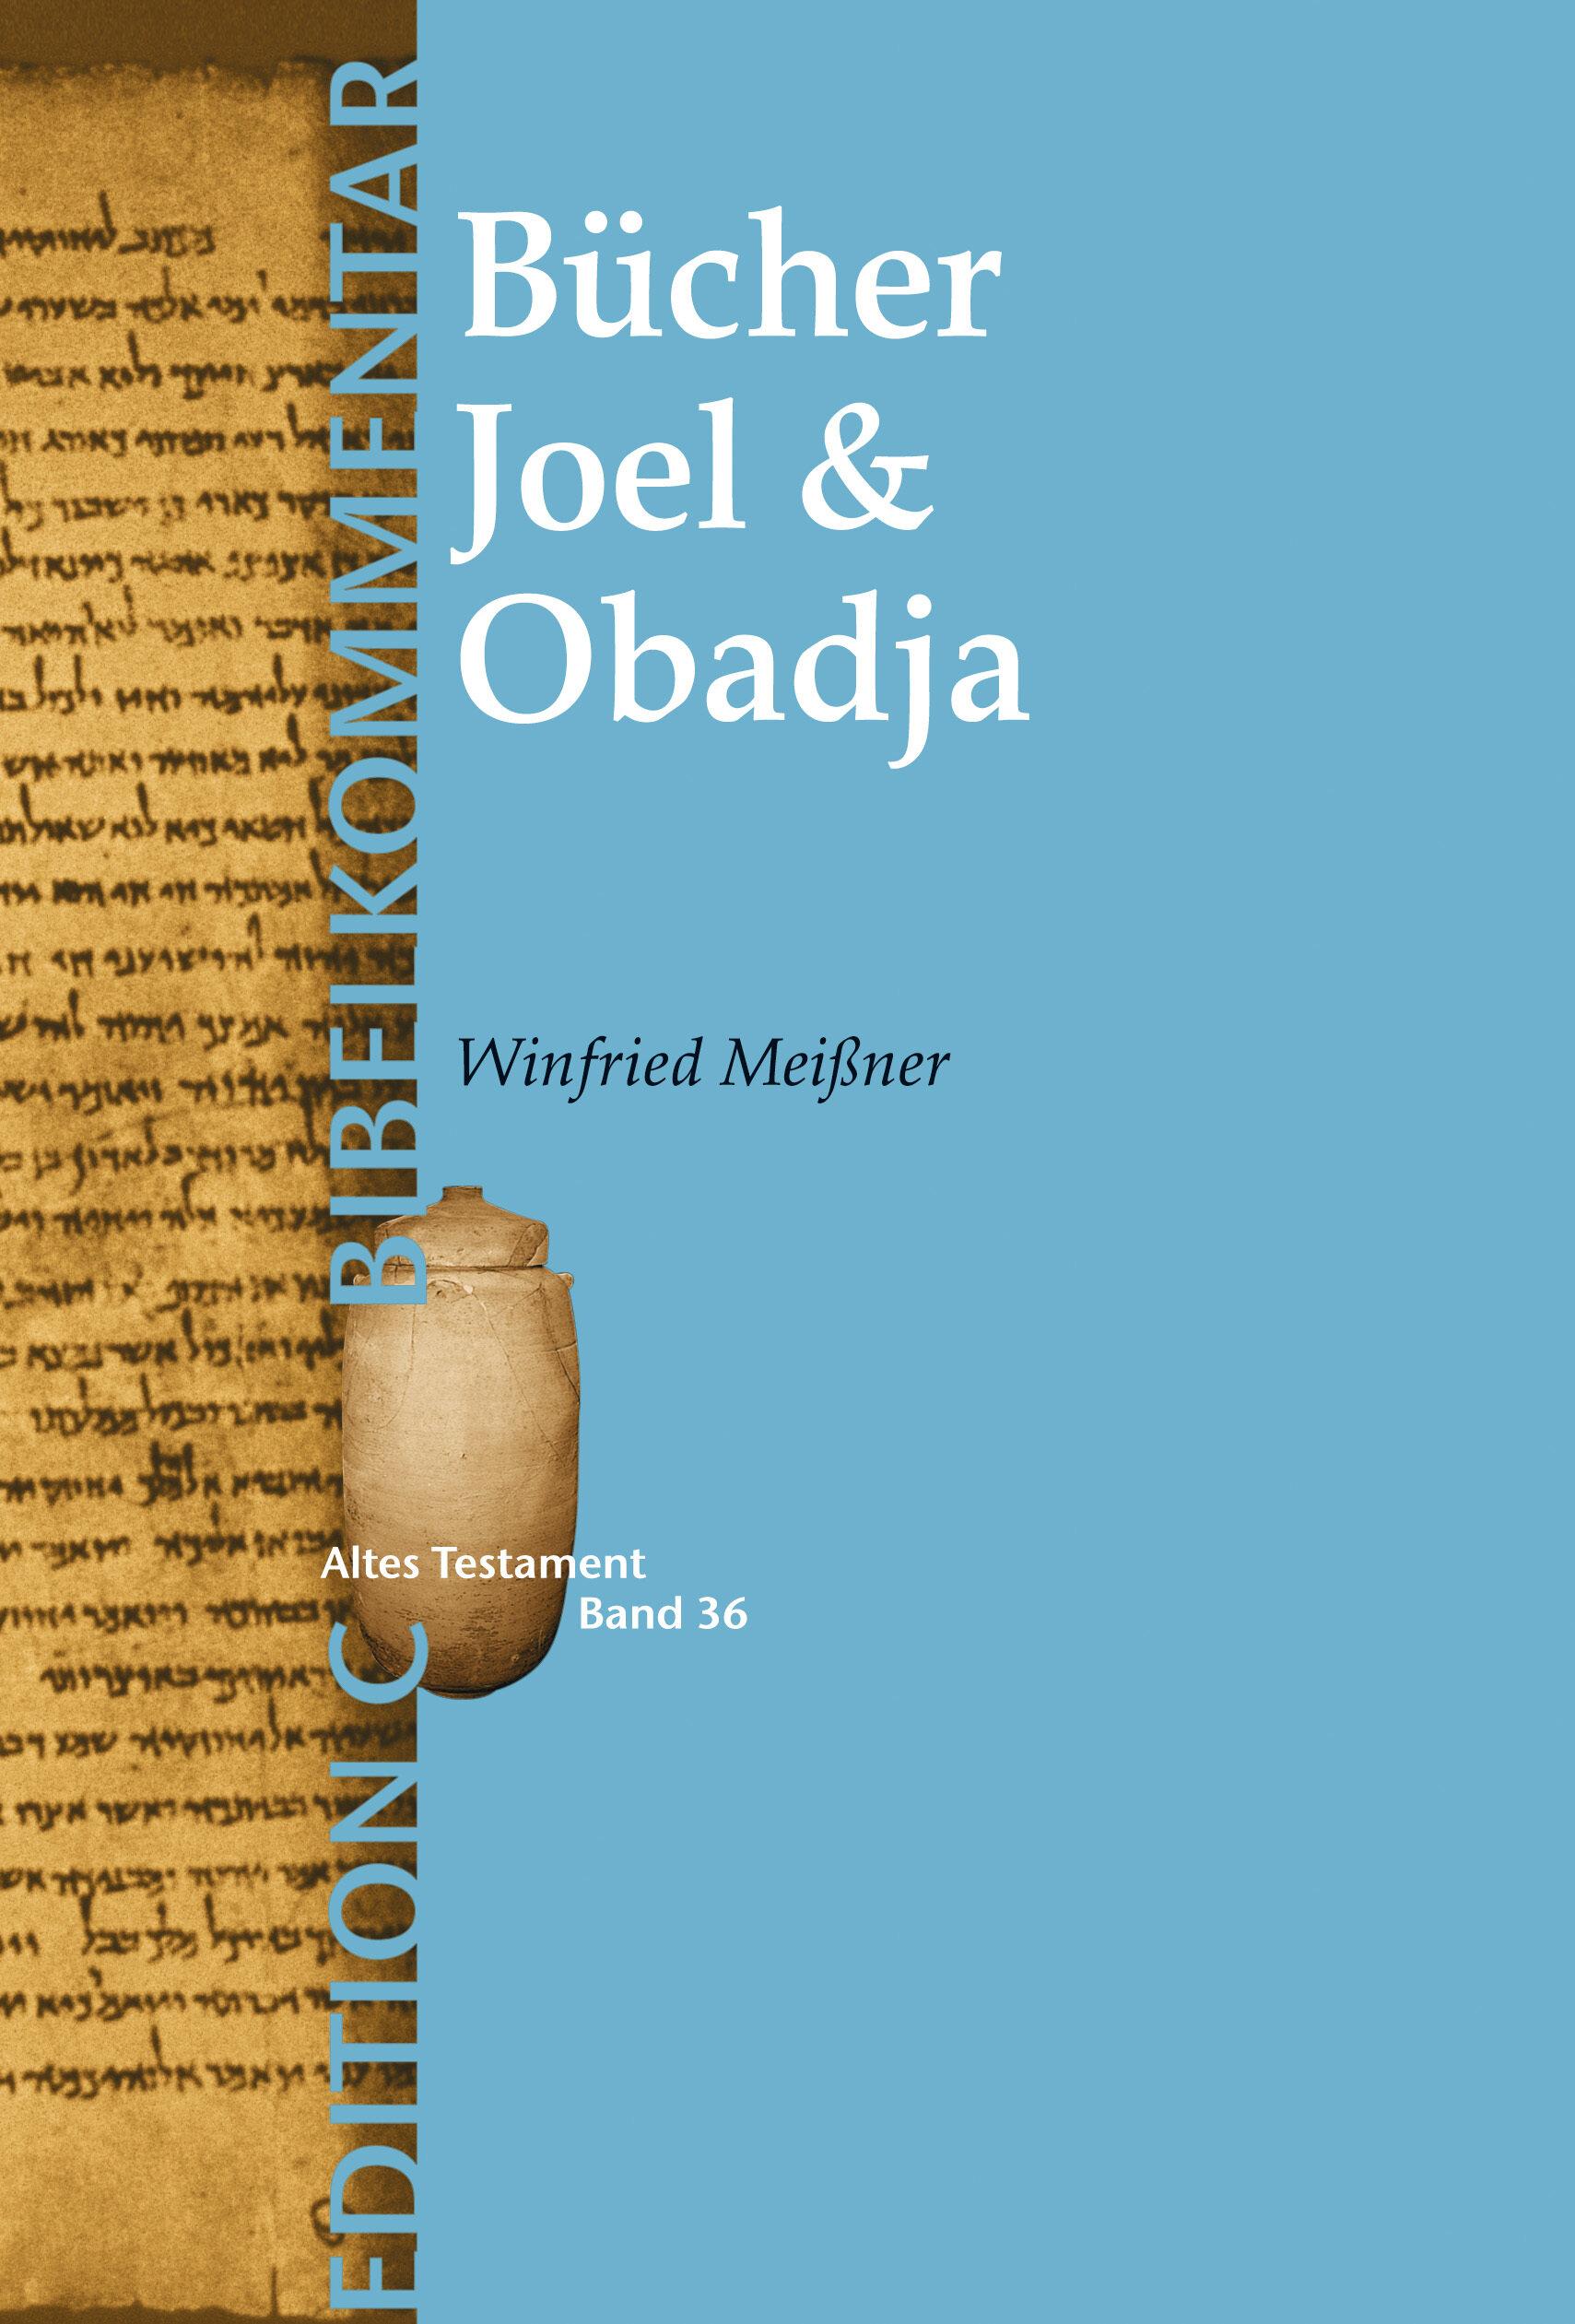 Bücher Joel und Obadja (Edition C)